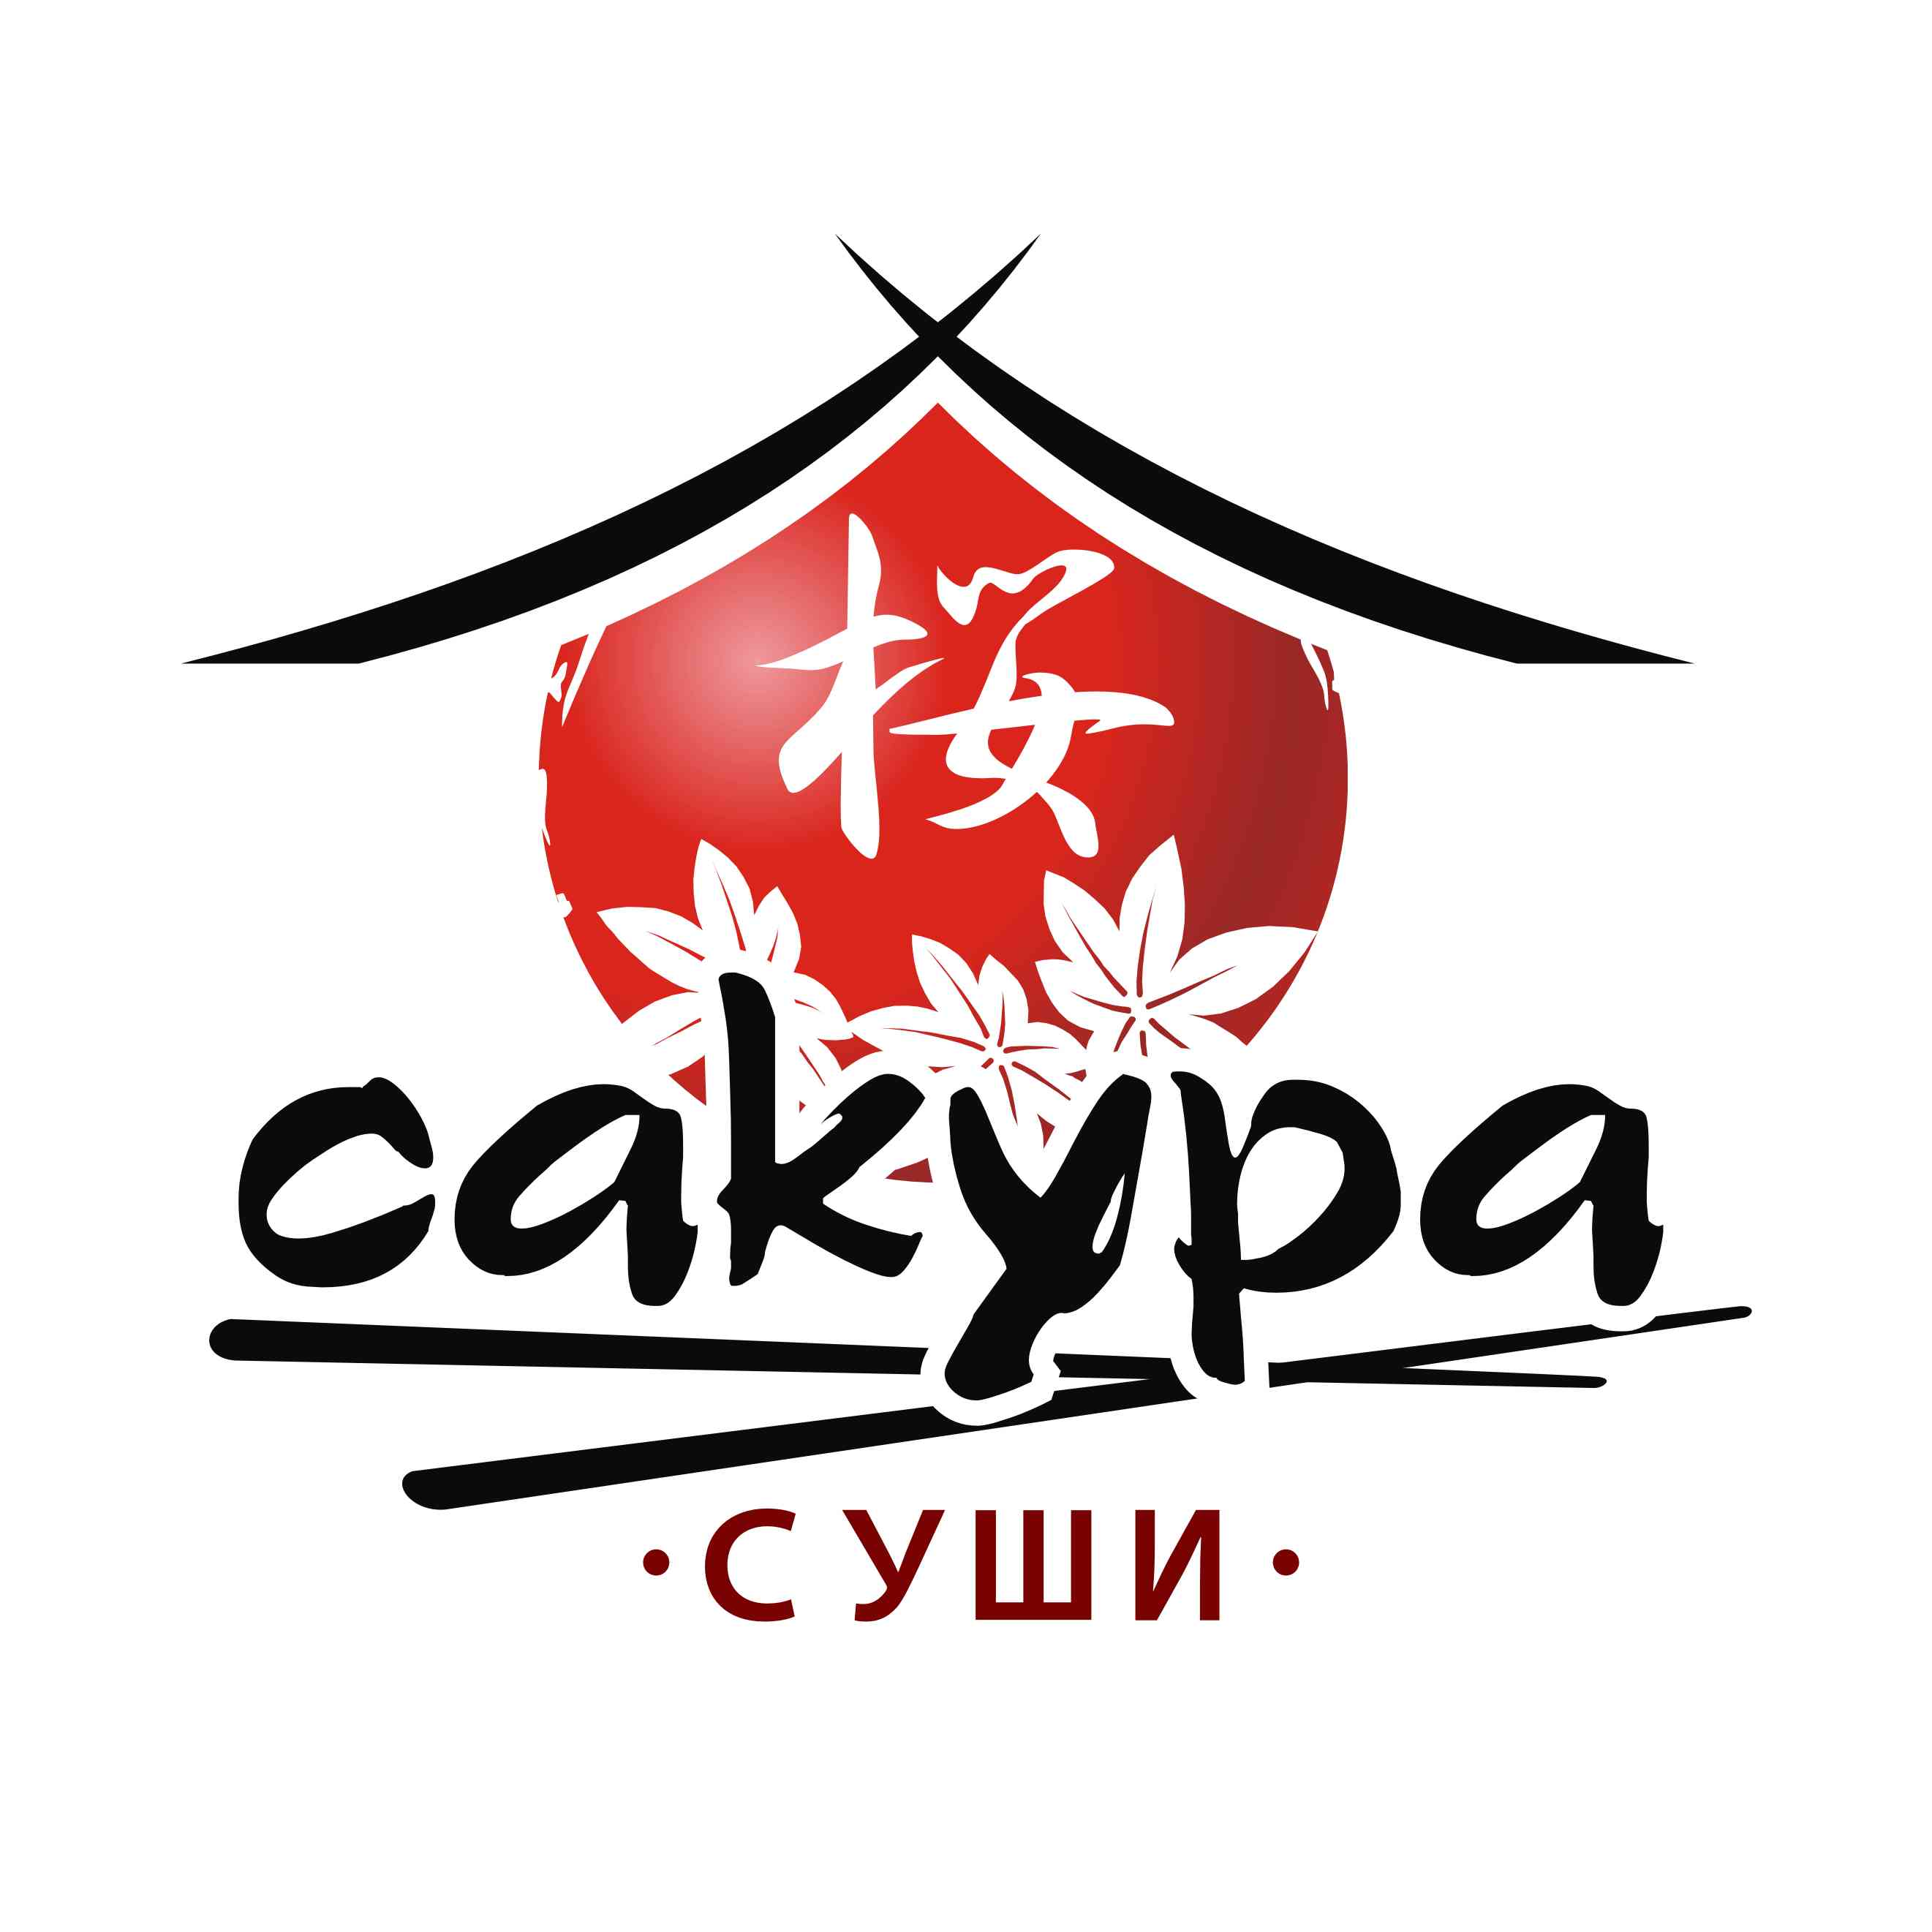 Работа в компании «Сакура суши» в Новосибирской области